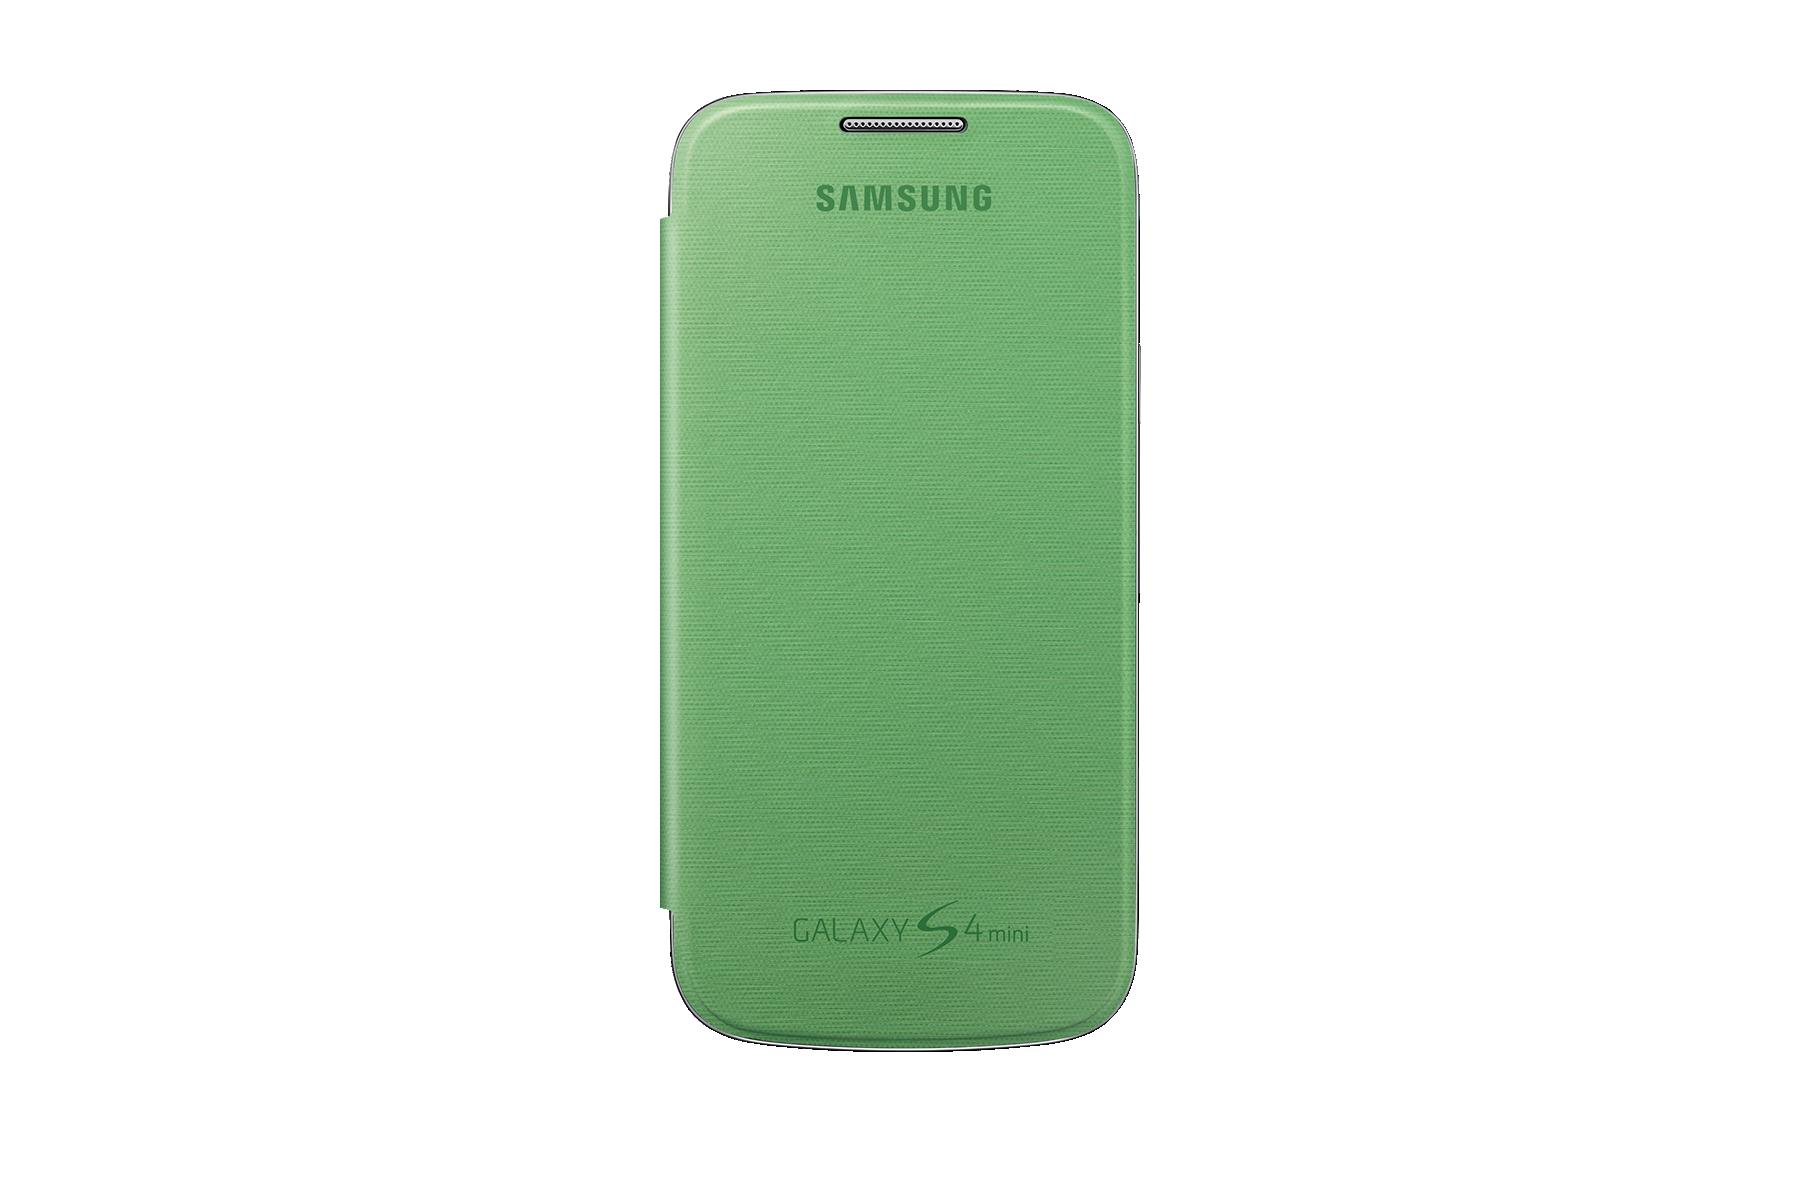 Flip Cover (Galaxy S4 mini)